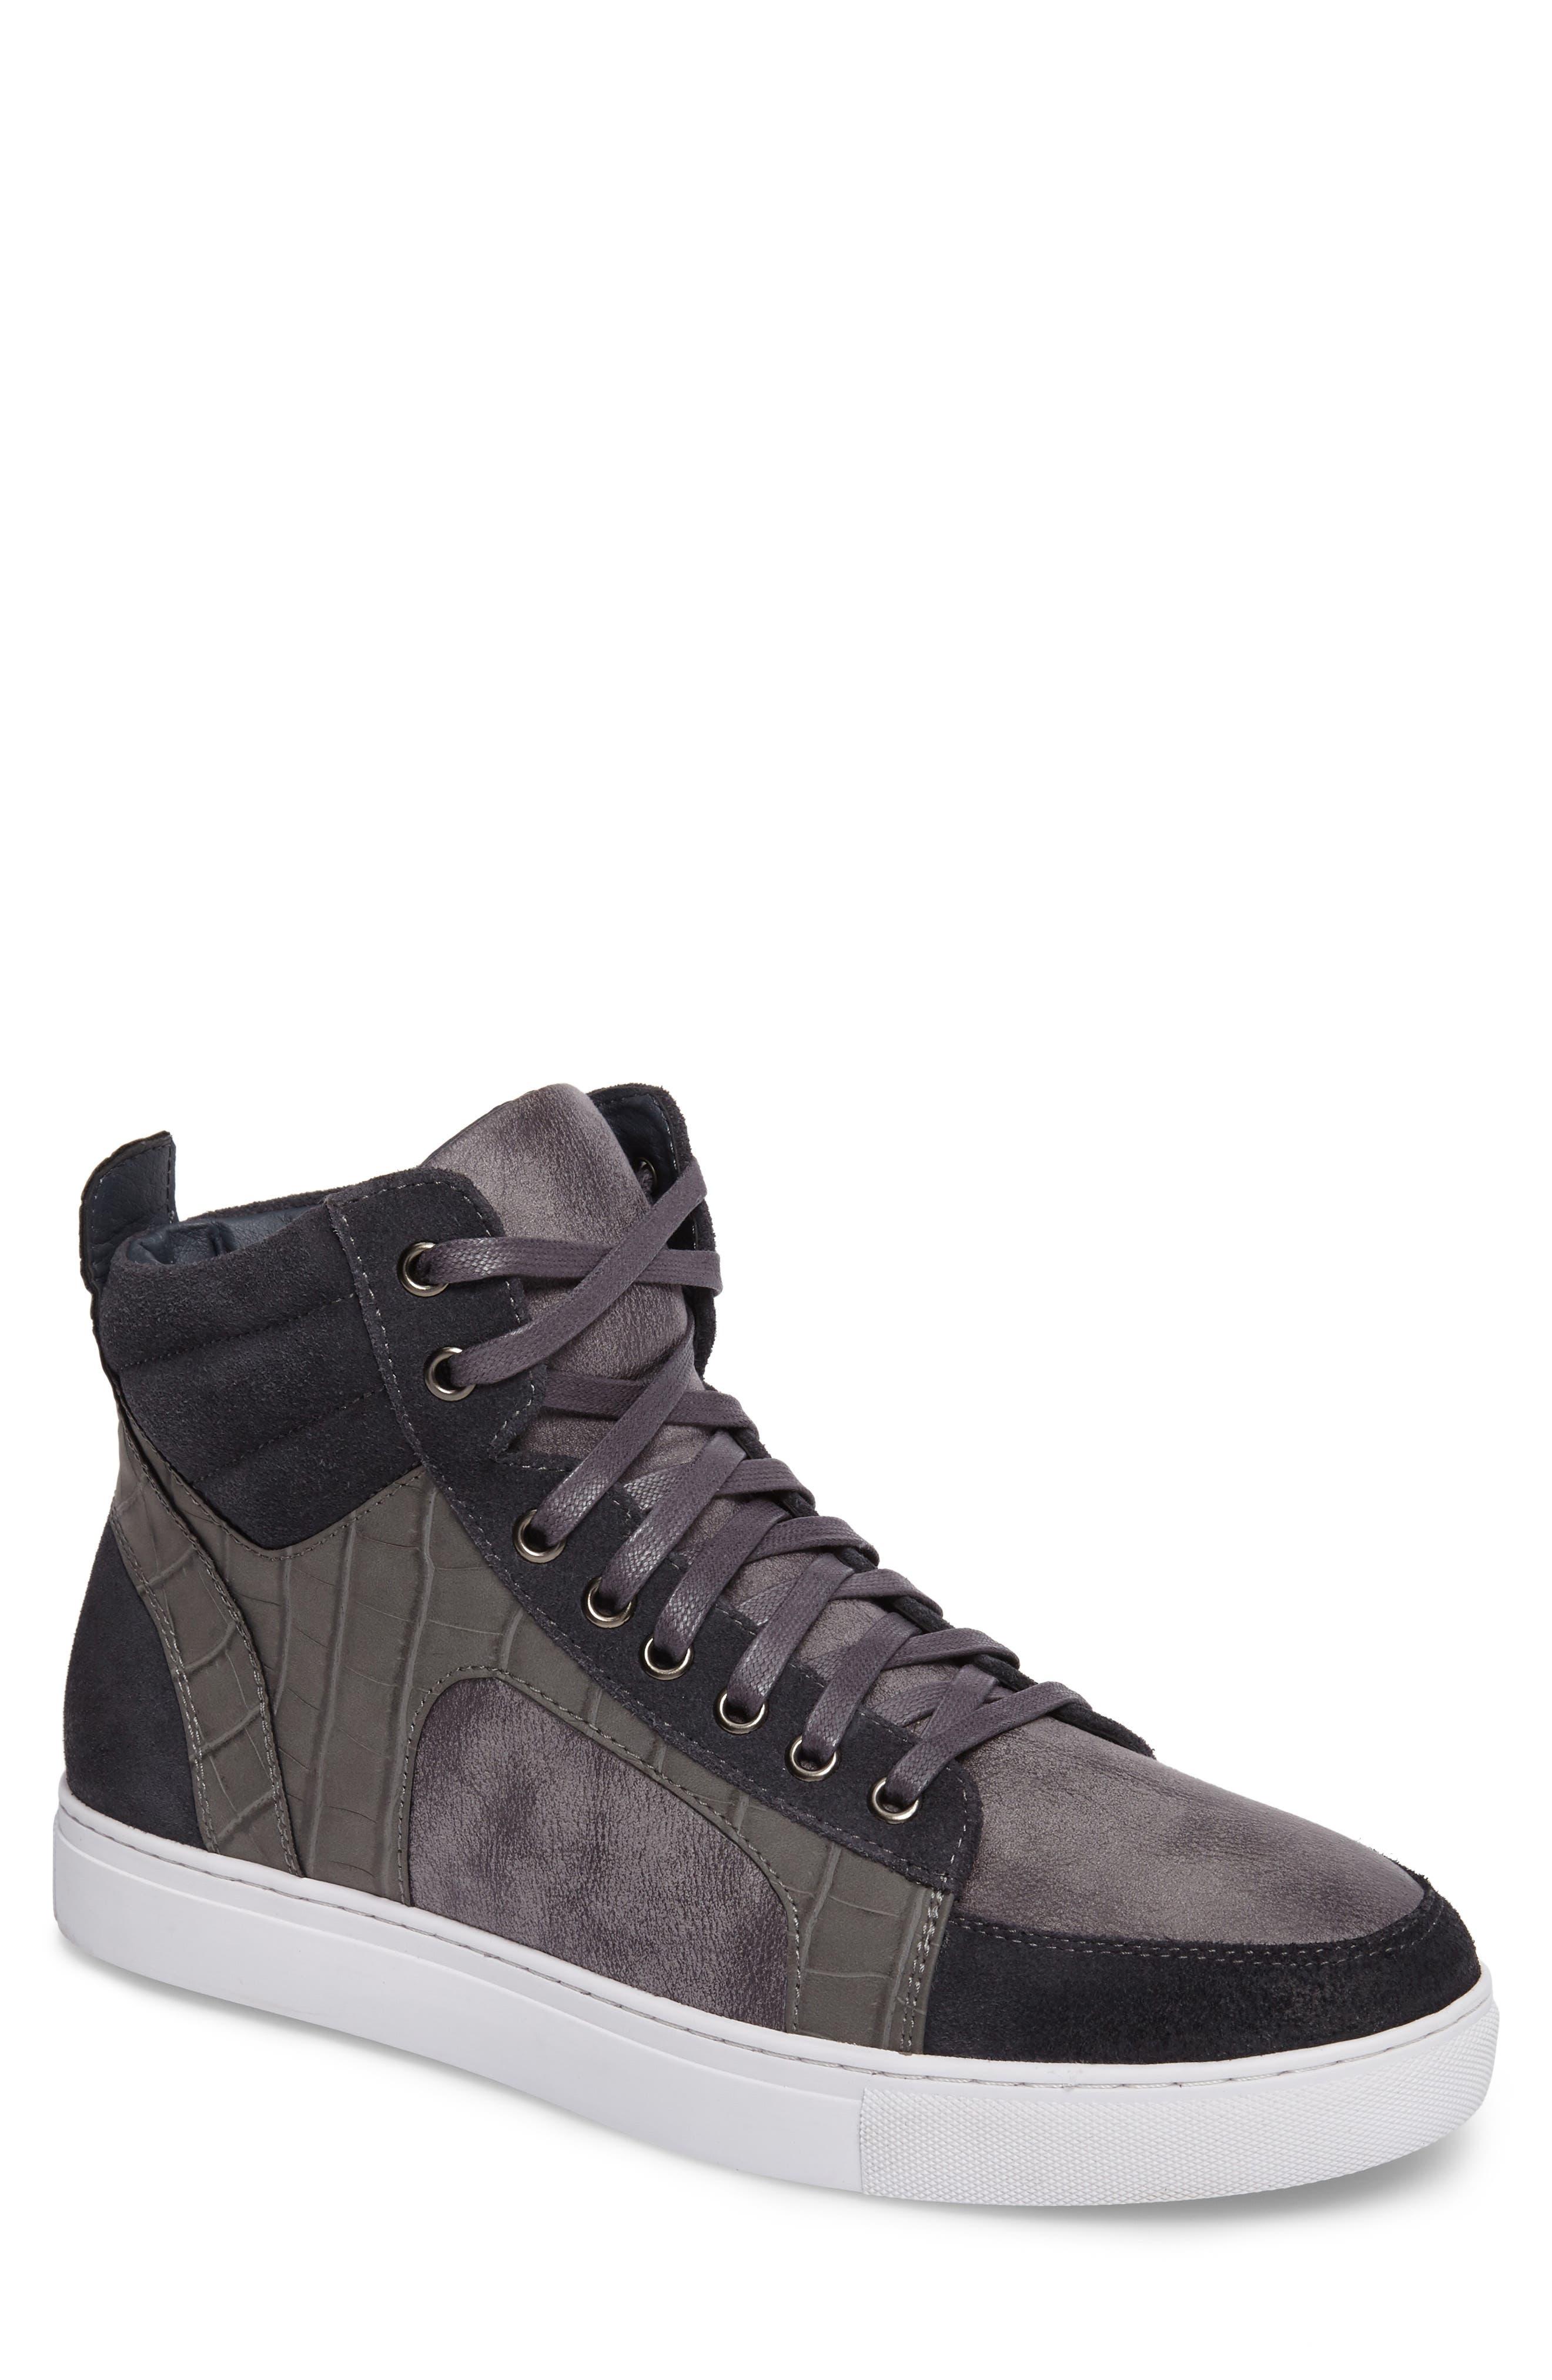 Makin Sneaker,                         Main,                         color, 021